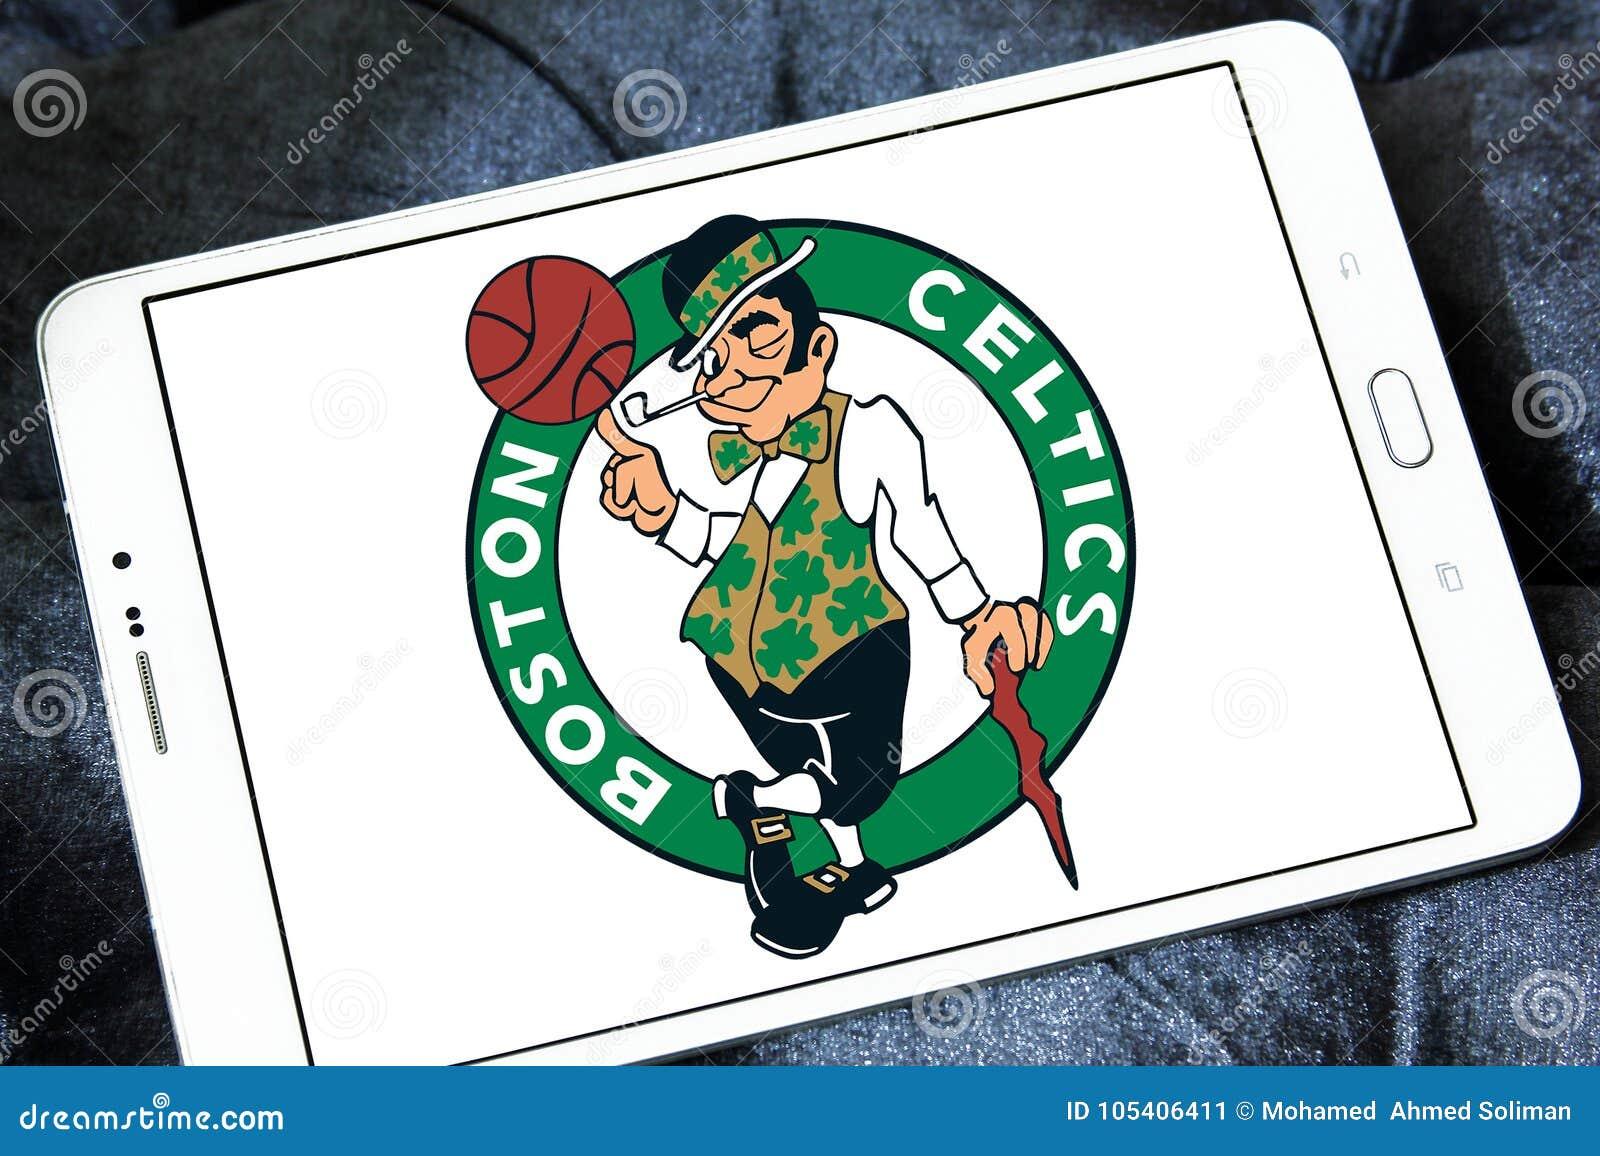 Logotipo americano del equipo de baloncesto de los Celtics de Boston